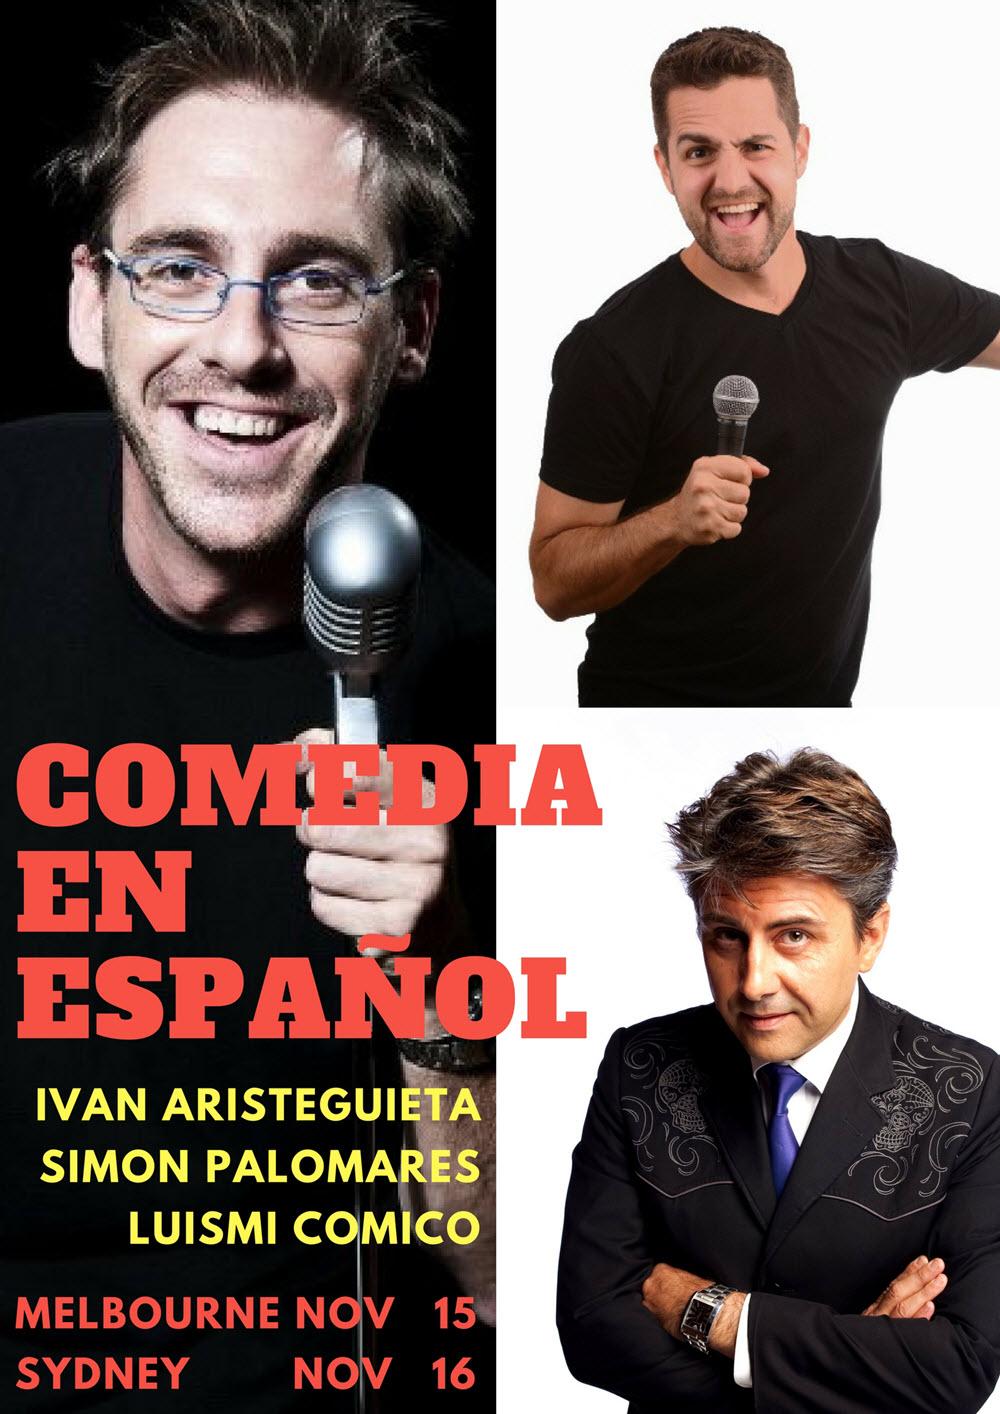 Comedia En Espanol tickets